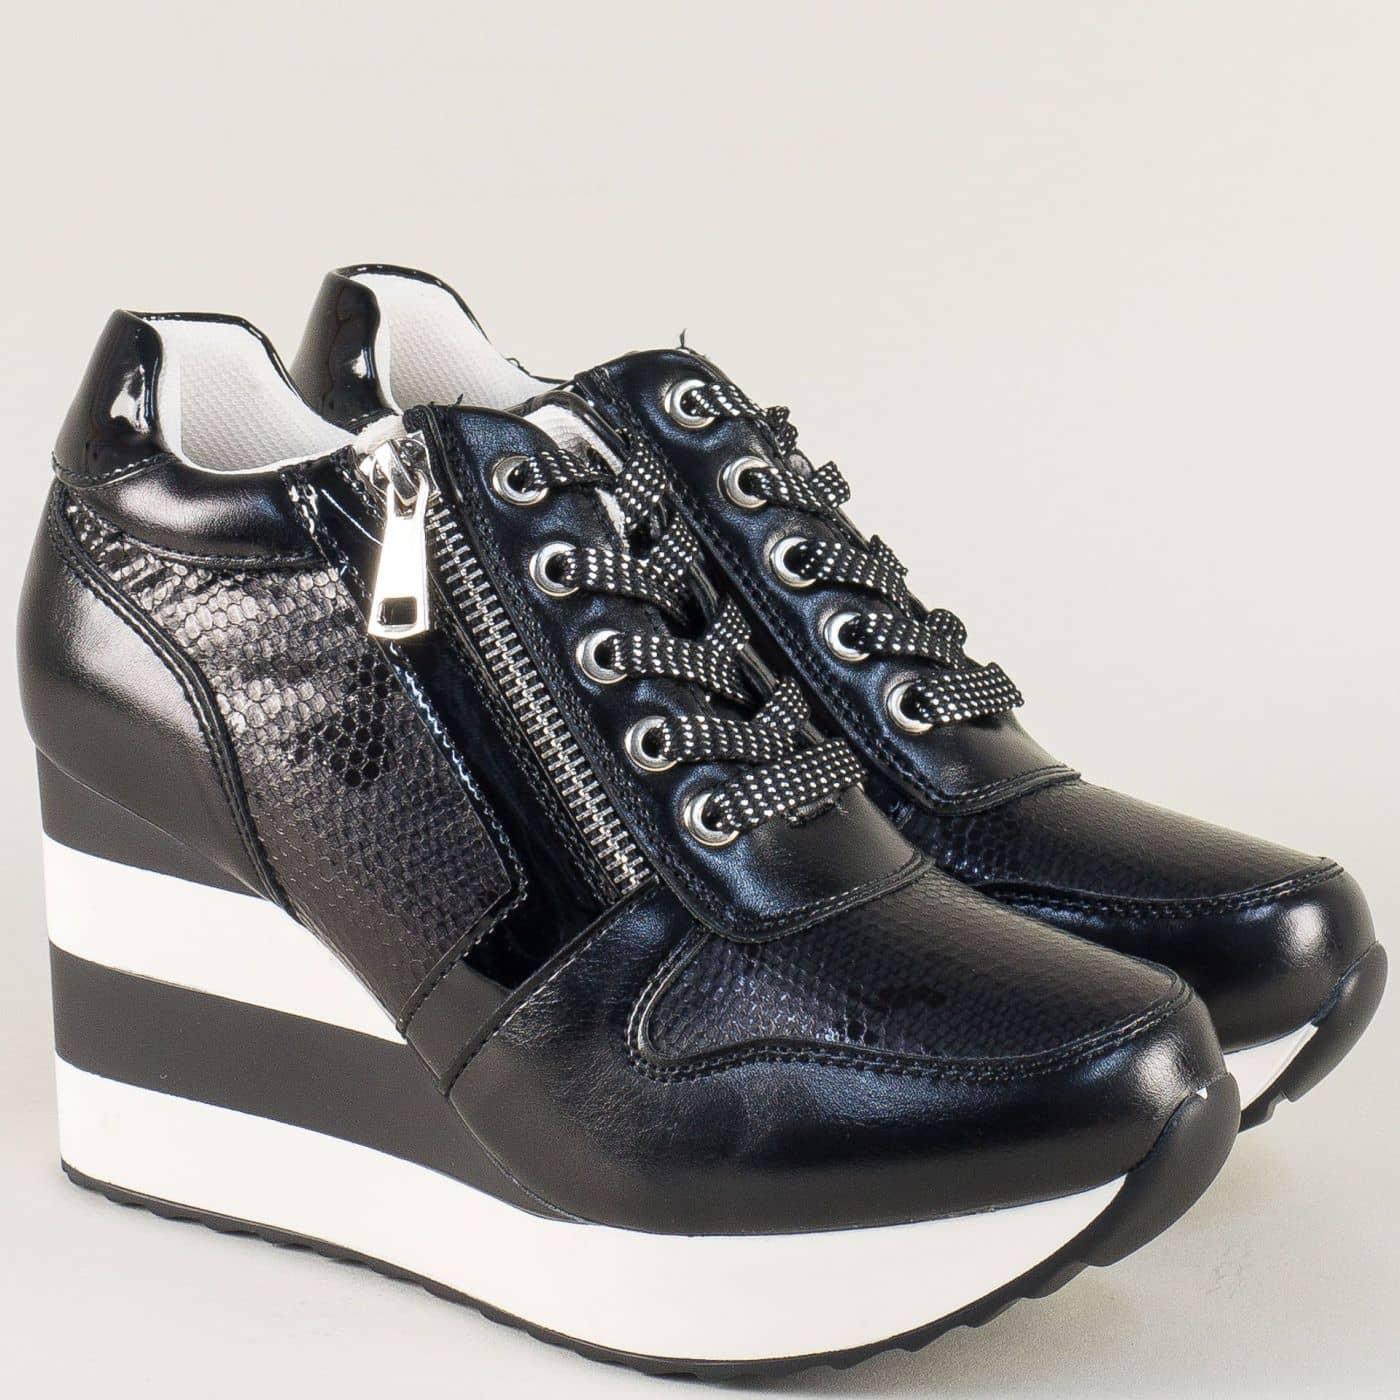 6d12e603489 Дамски маратонки с връзки на платформа в черен цвят a6057ch - Sisi-bg.com